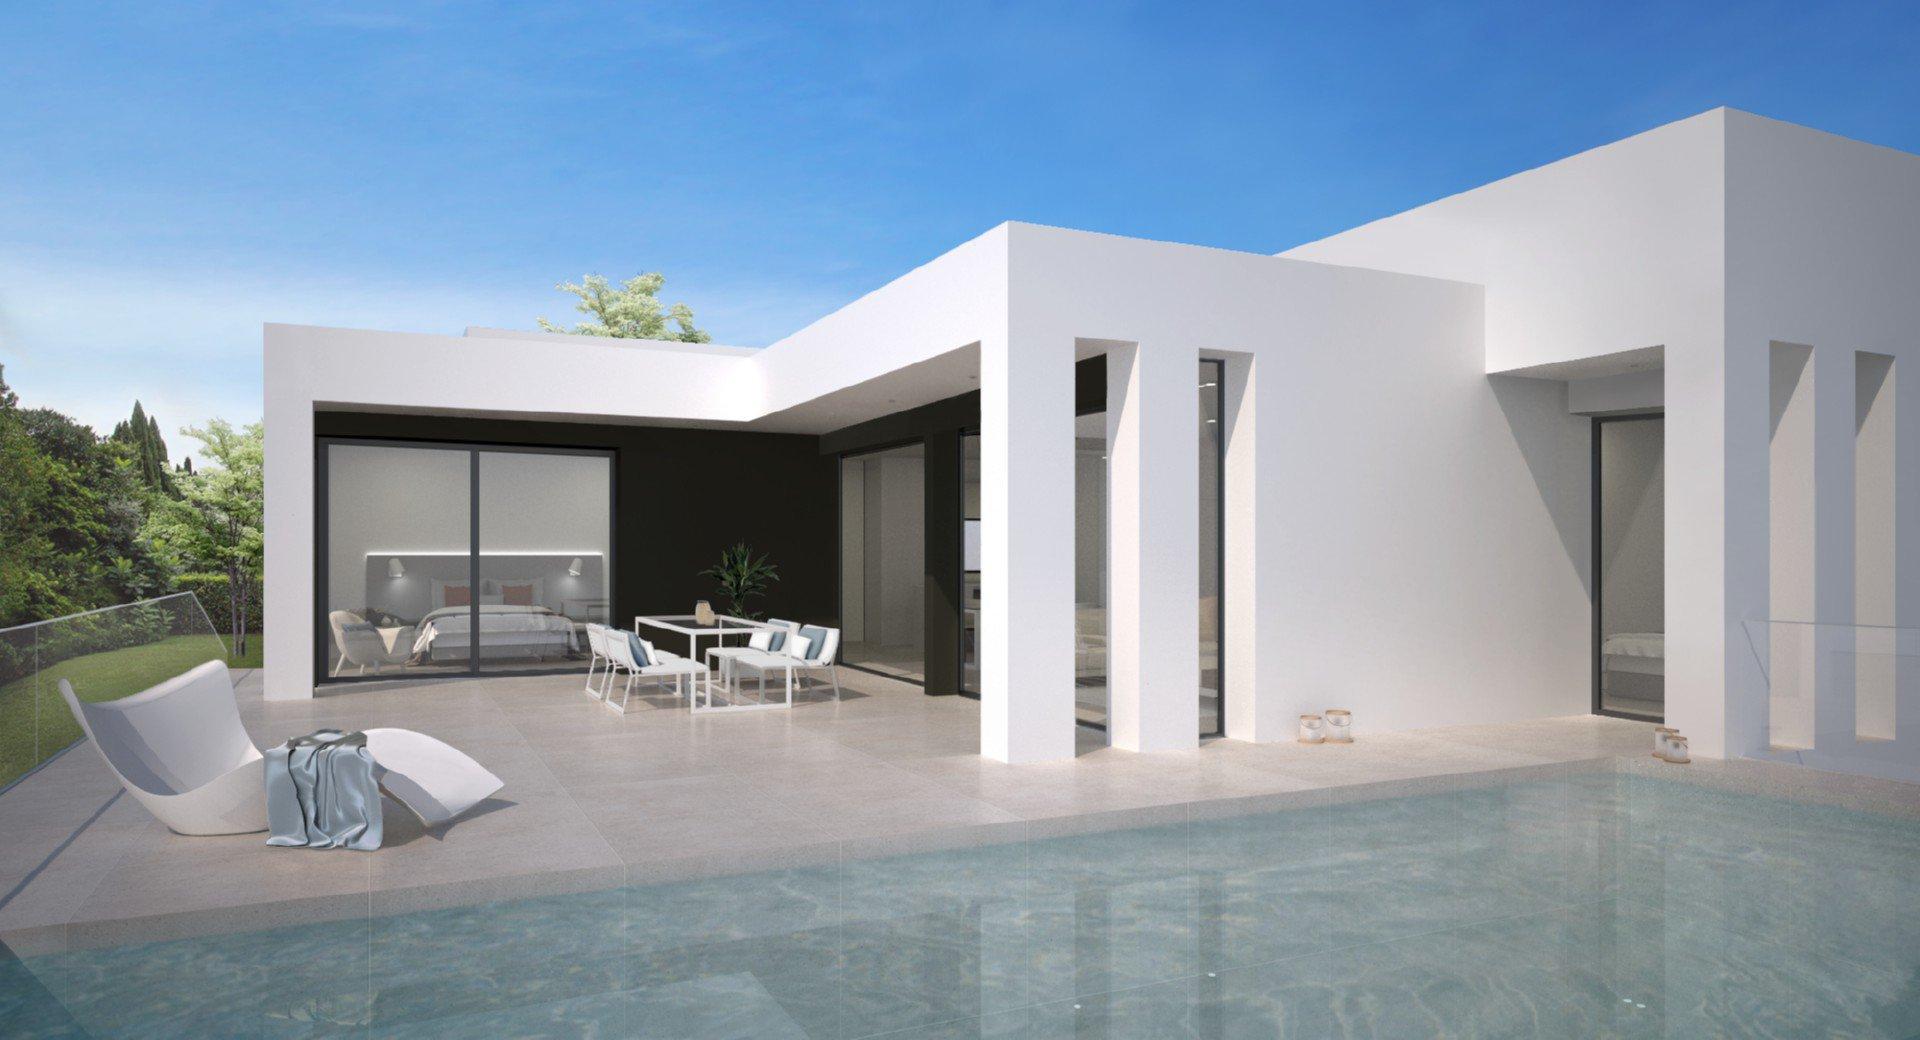 3 bedroom villa in a privileged location